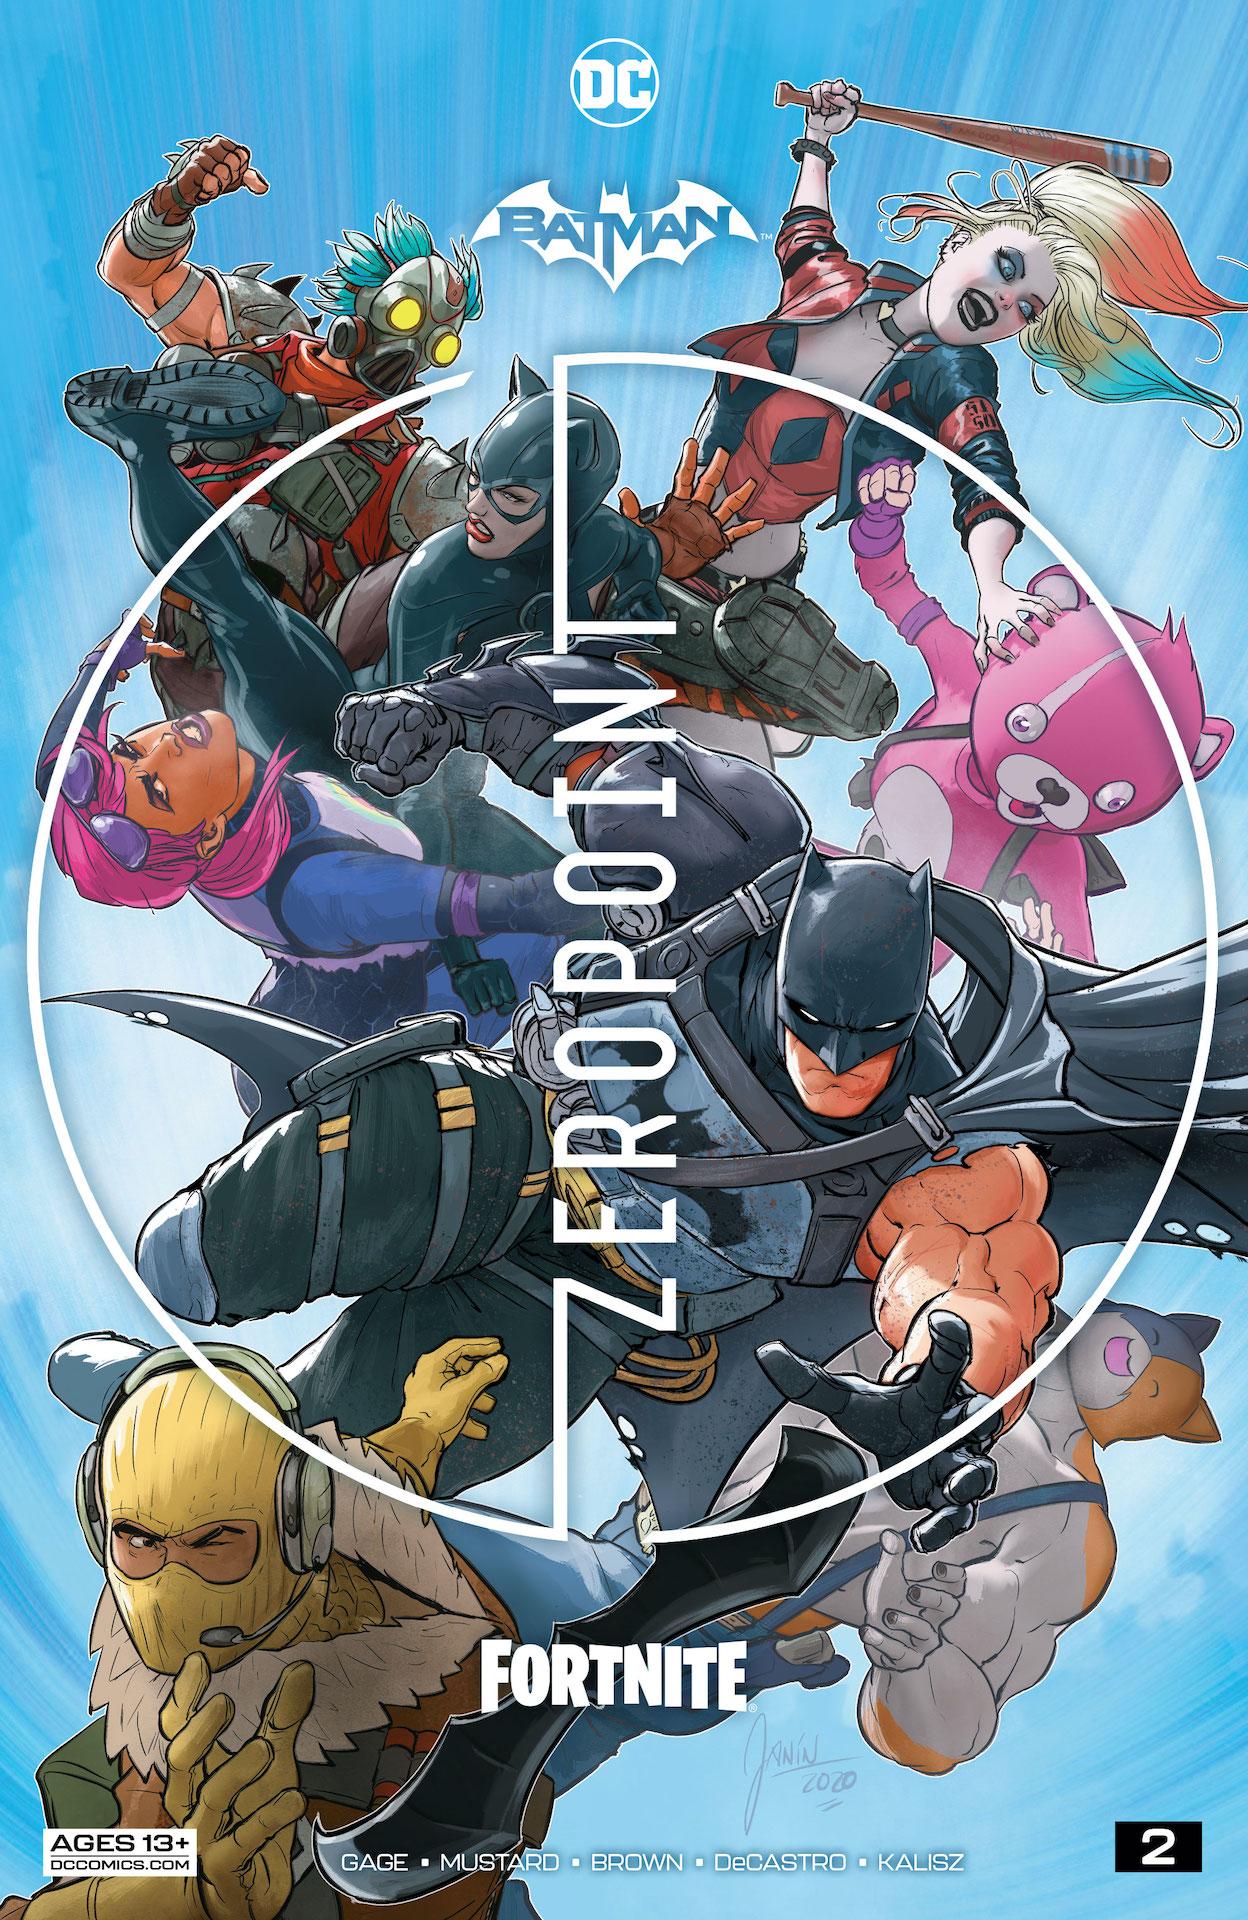 Batman-Fortnite-Zero-Point-2-1